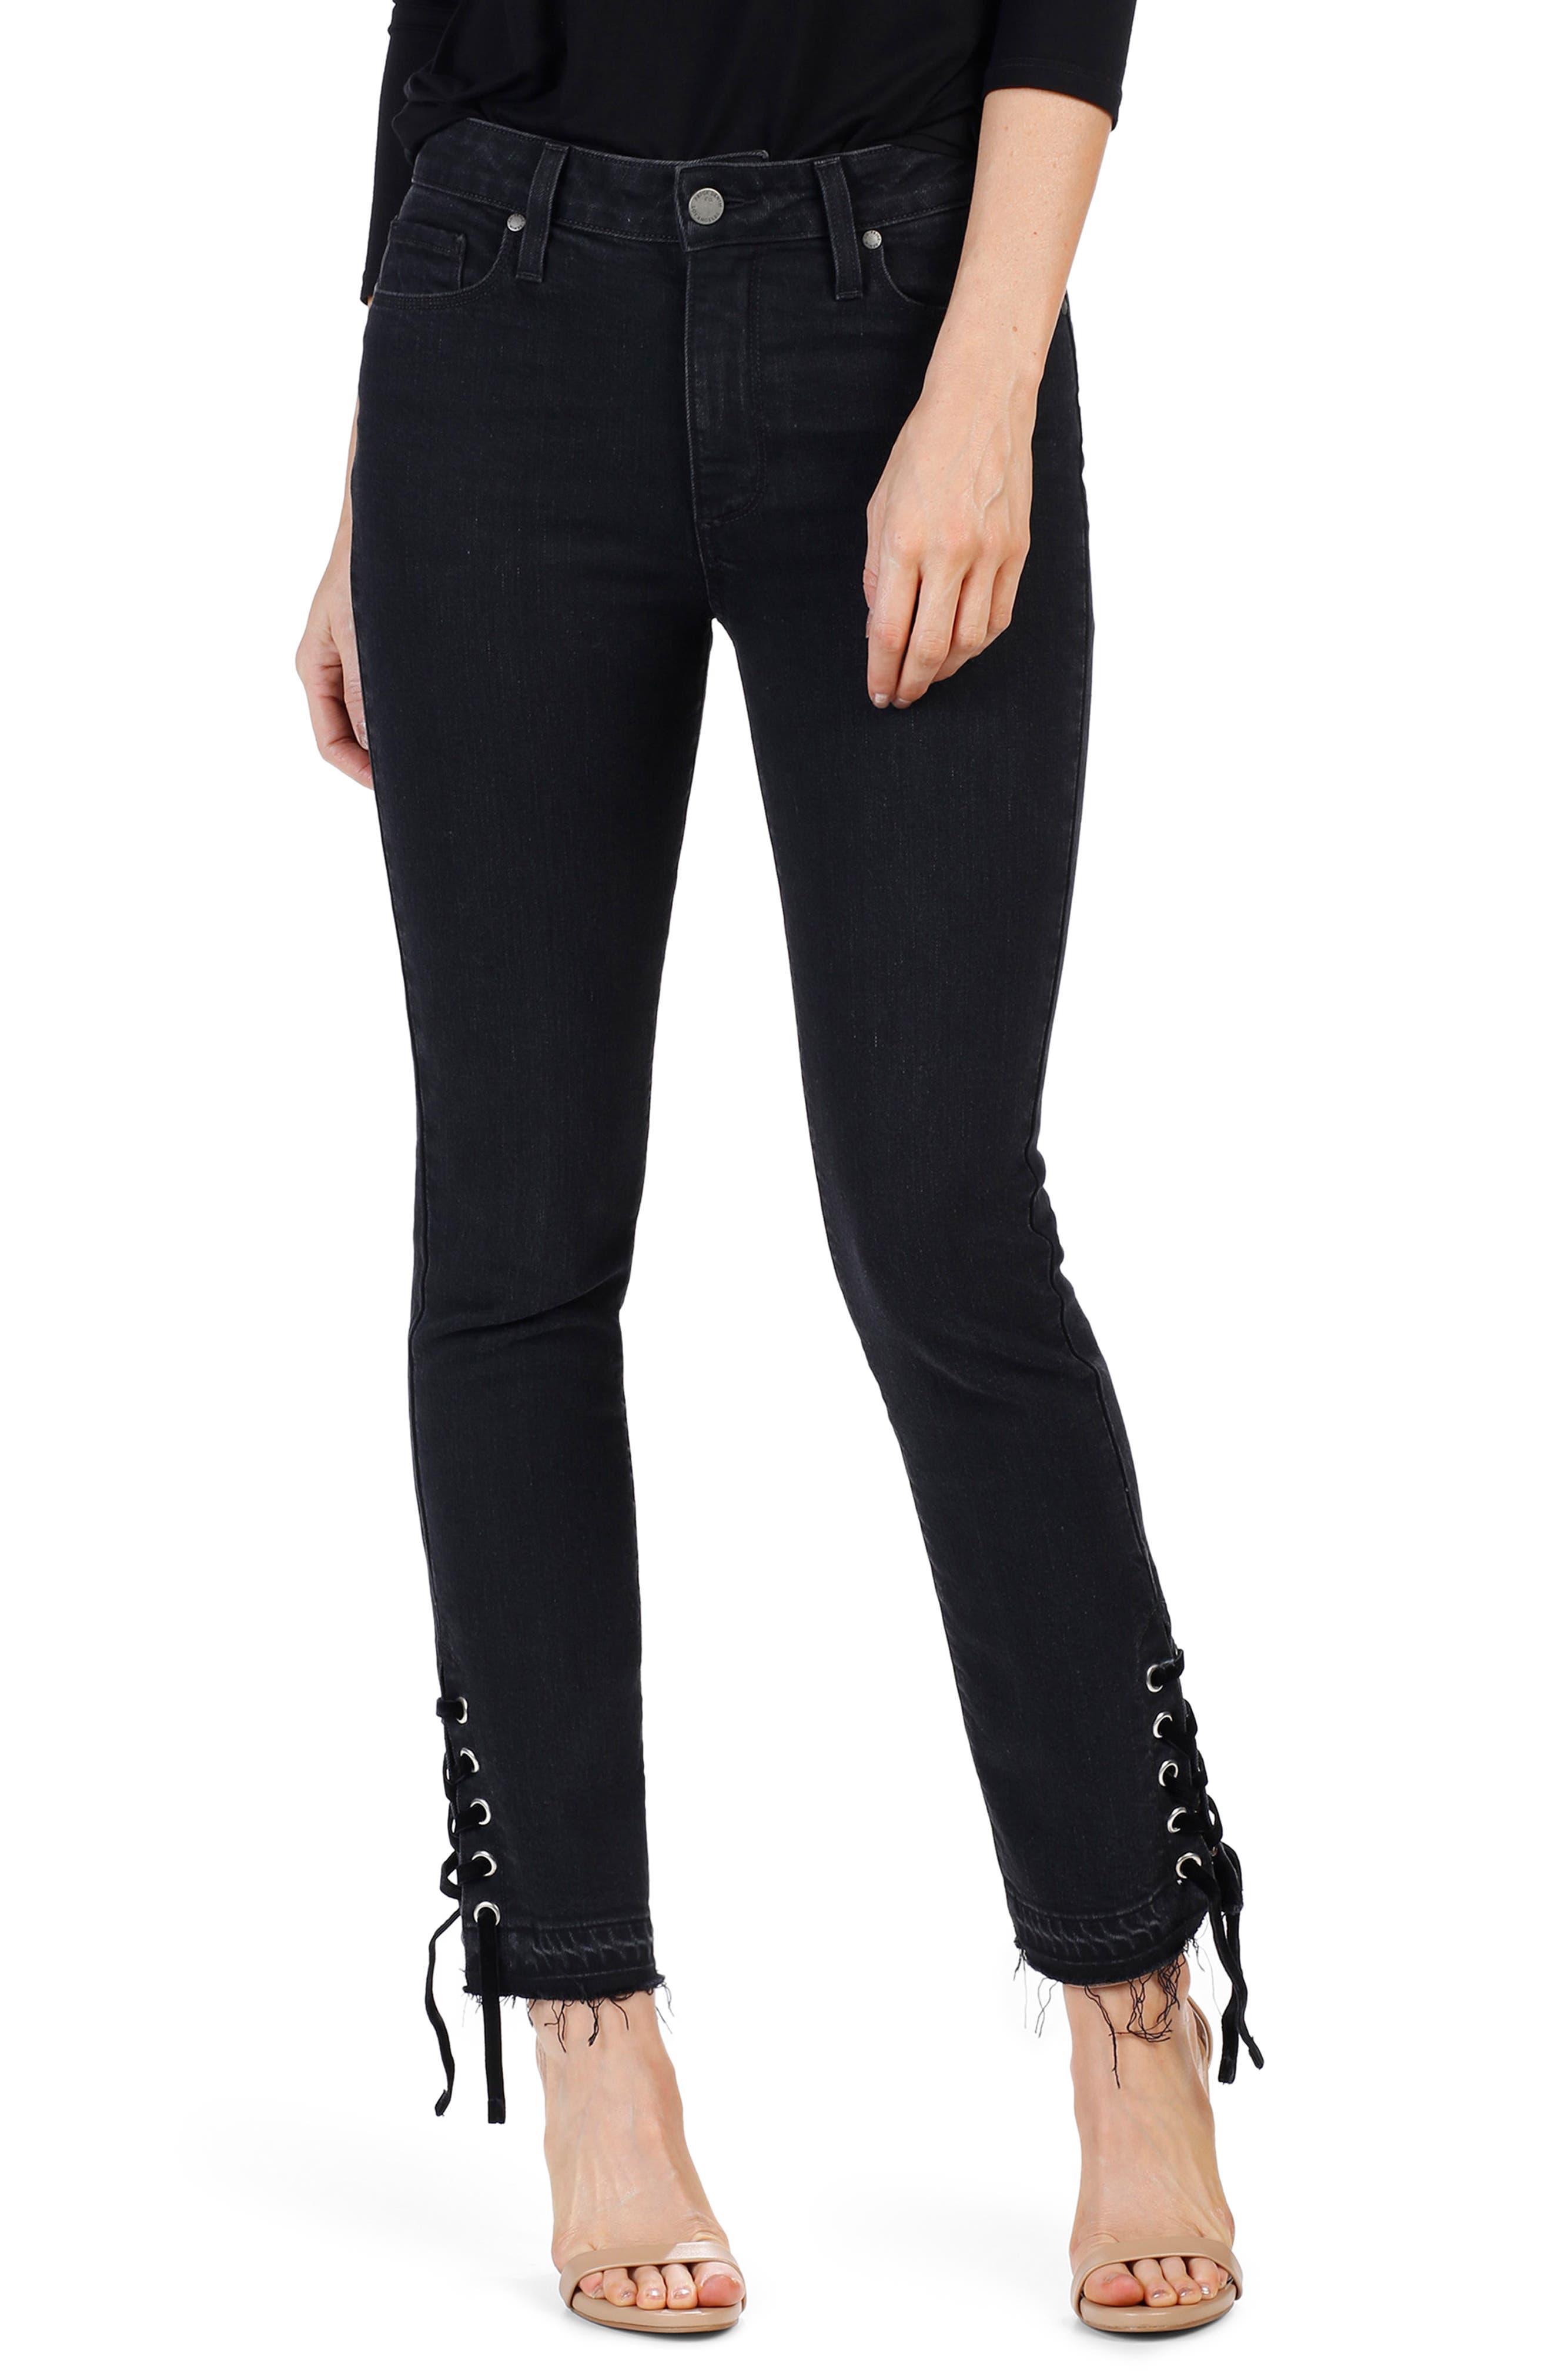 Jacqueline High Waist Straight Leg Jeans,                         Main,                         color, Lacey Noir